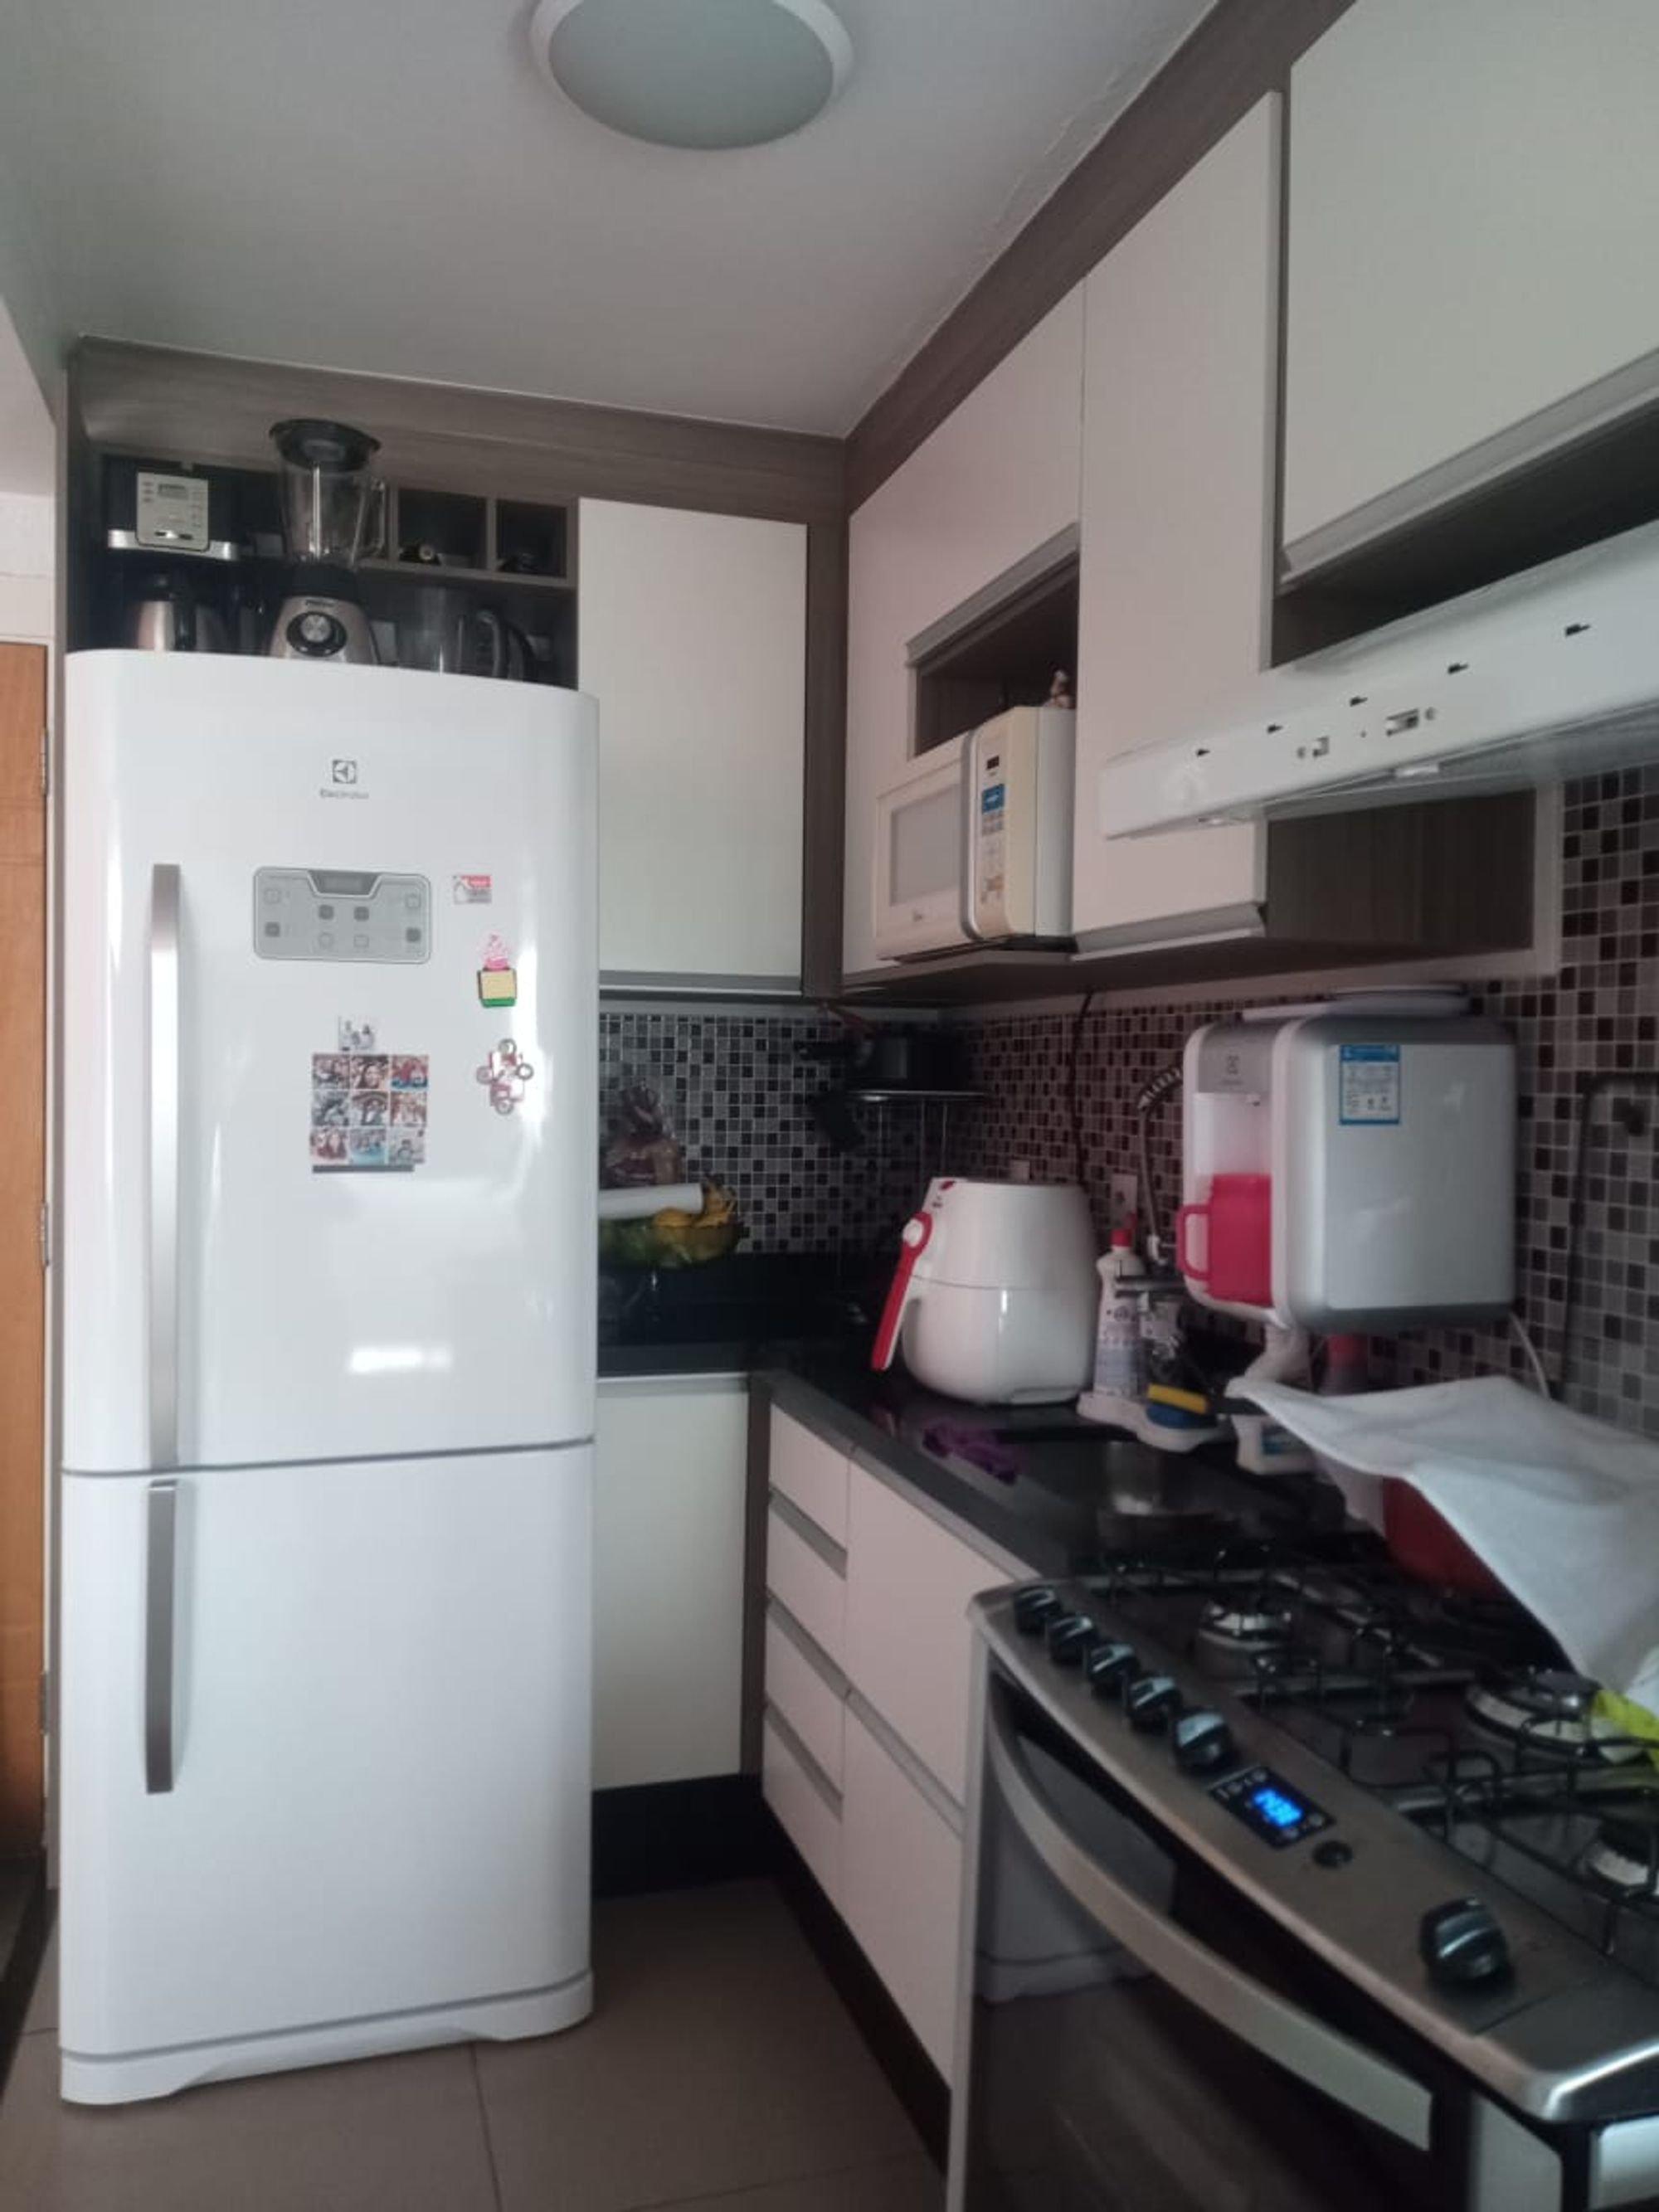 Foto de Cozinha com garrafa, forno, geladeira, torradeira, microondas